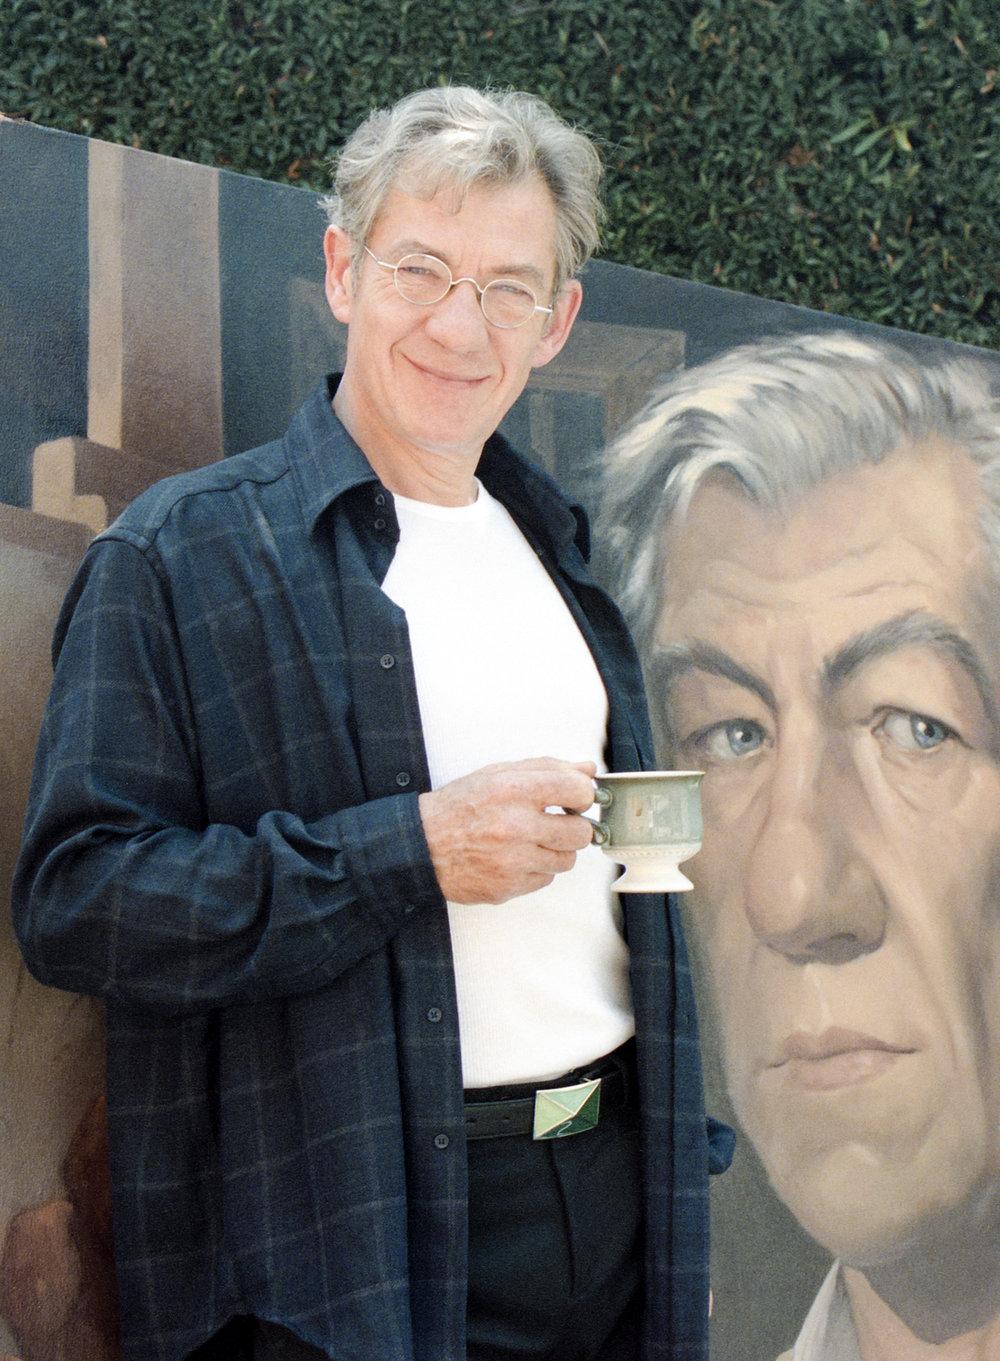 male portrait Sir Ian McKellen British actor Sir Ian McKellen by Tim Courtney Photography